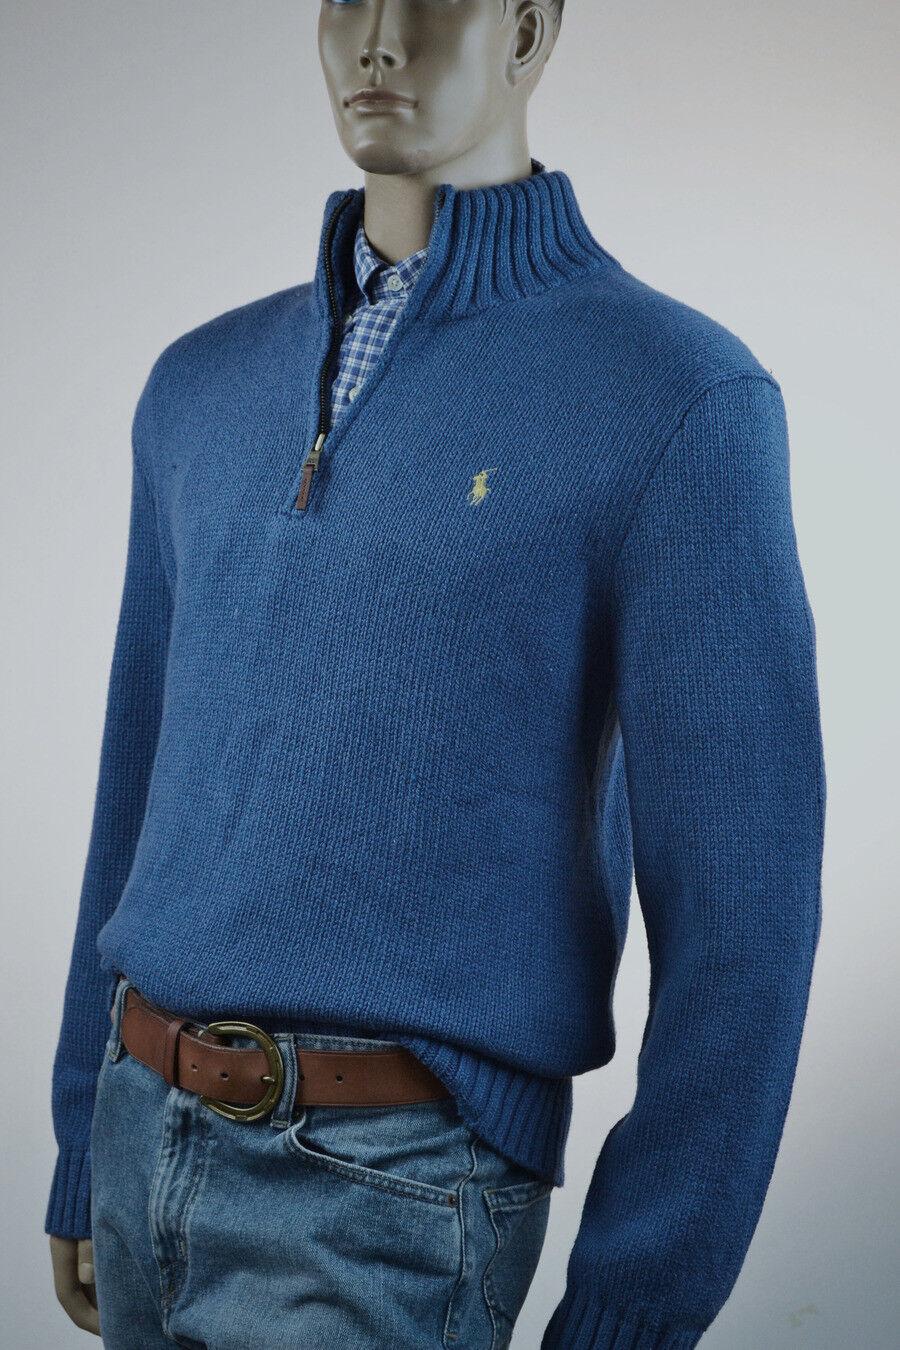 Ralph Lauren High-Twist Cotton Shale Blau Half-Zip Sweater Gelb Pony -NWT